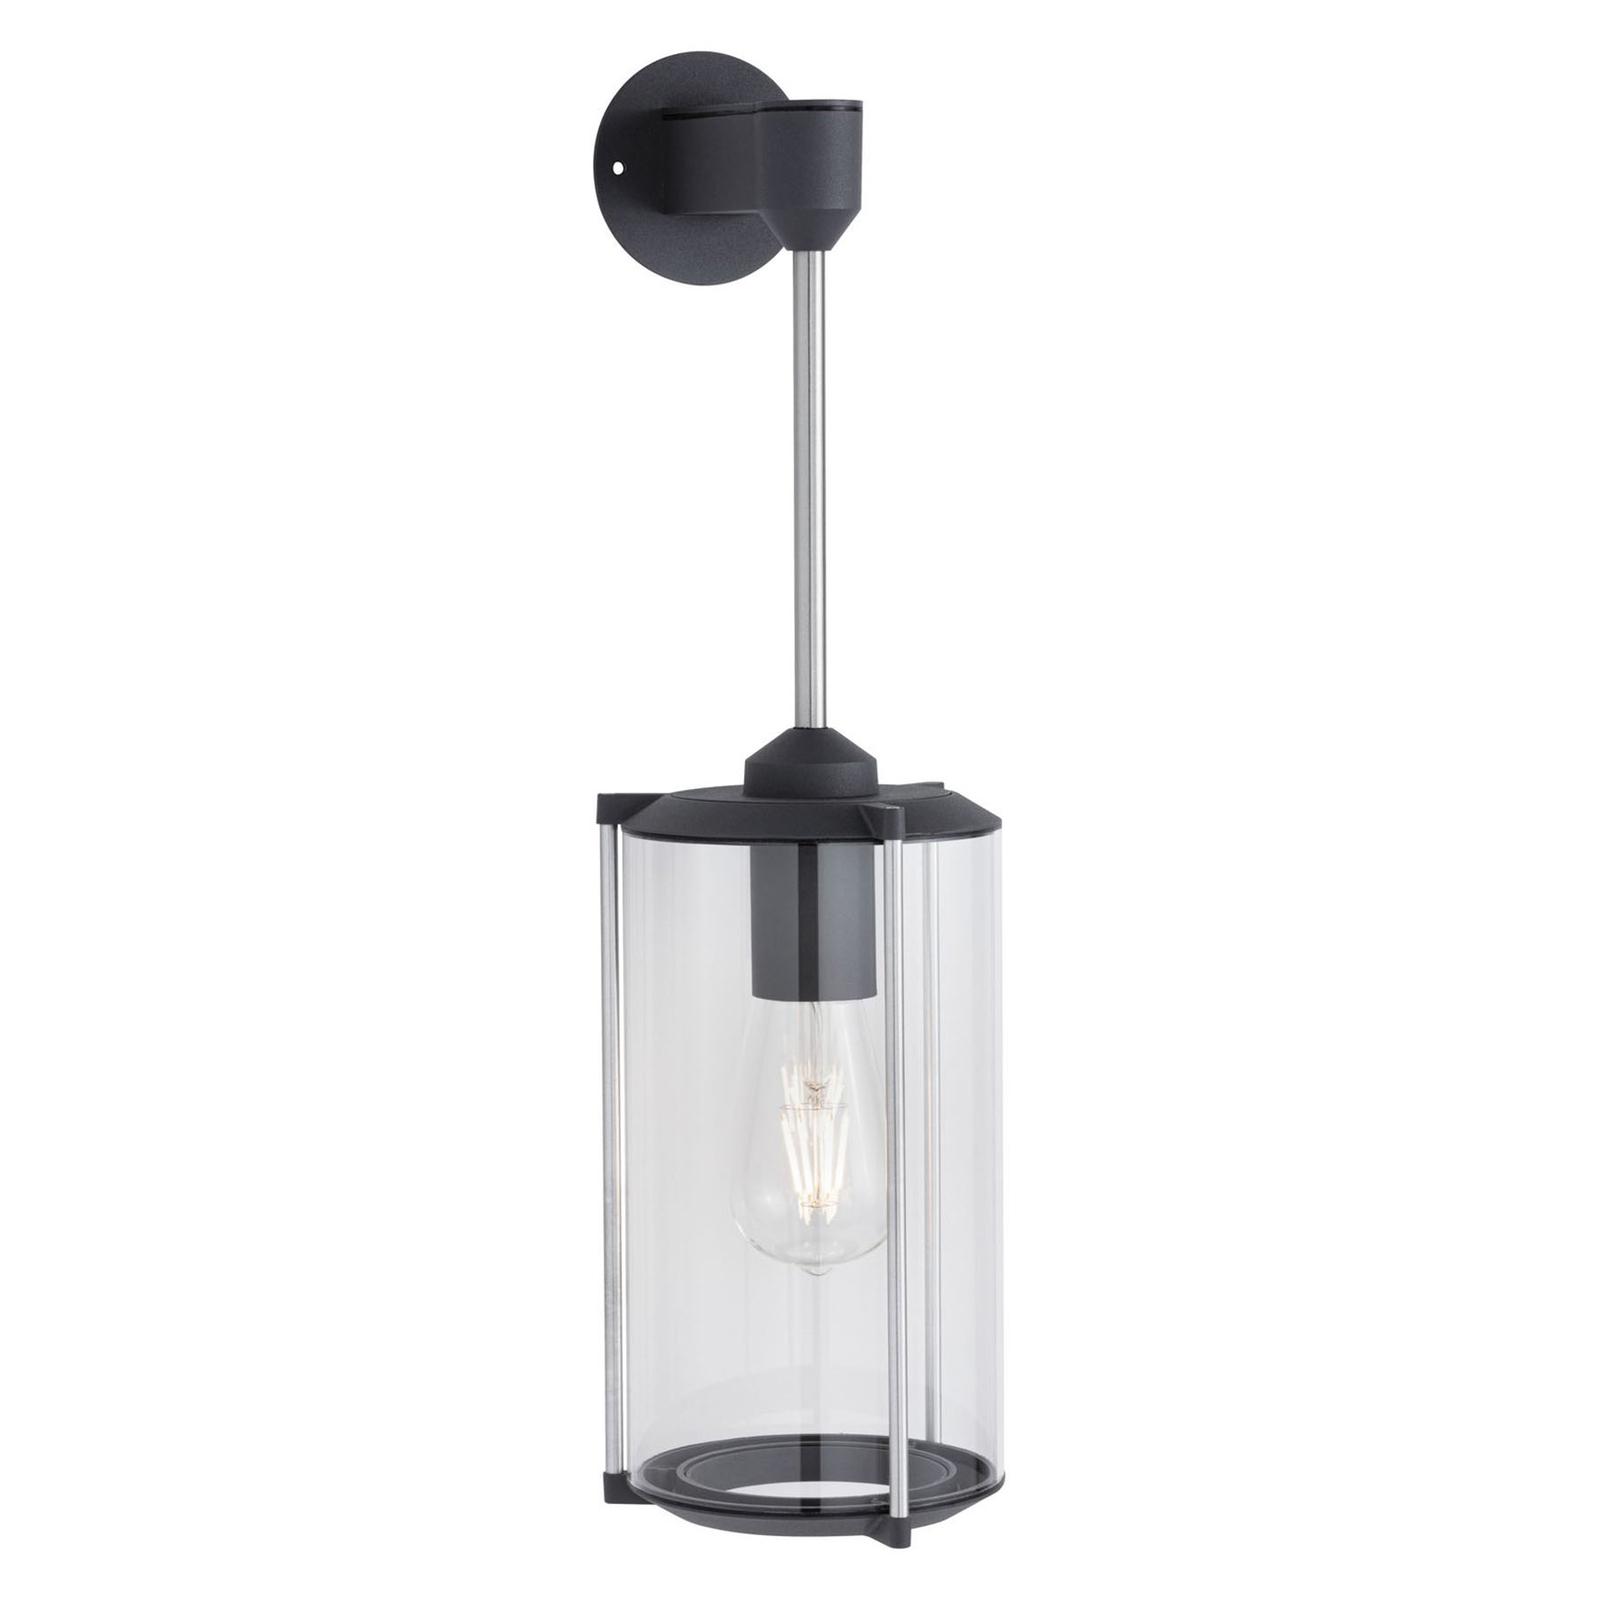 Paulmann Klassik buitenwandlamp, hoogte 54 cm